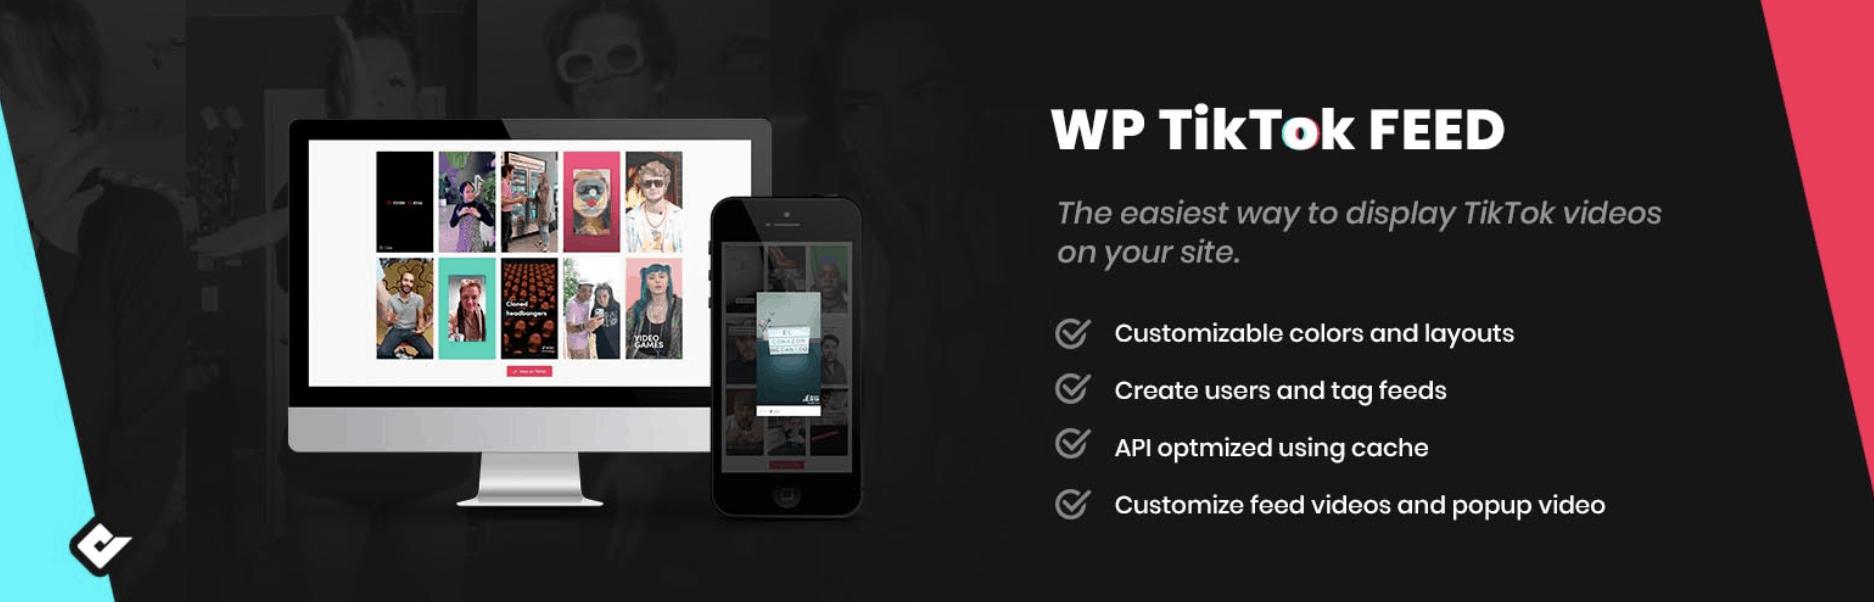 Cómo ver publicaciones de TikTok en su sitio de WordPress - 1631889299 702 Como ver publicaciones de TikTok en su sitio de WordPress